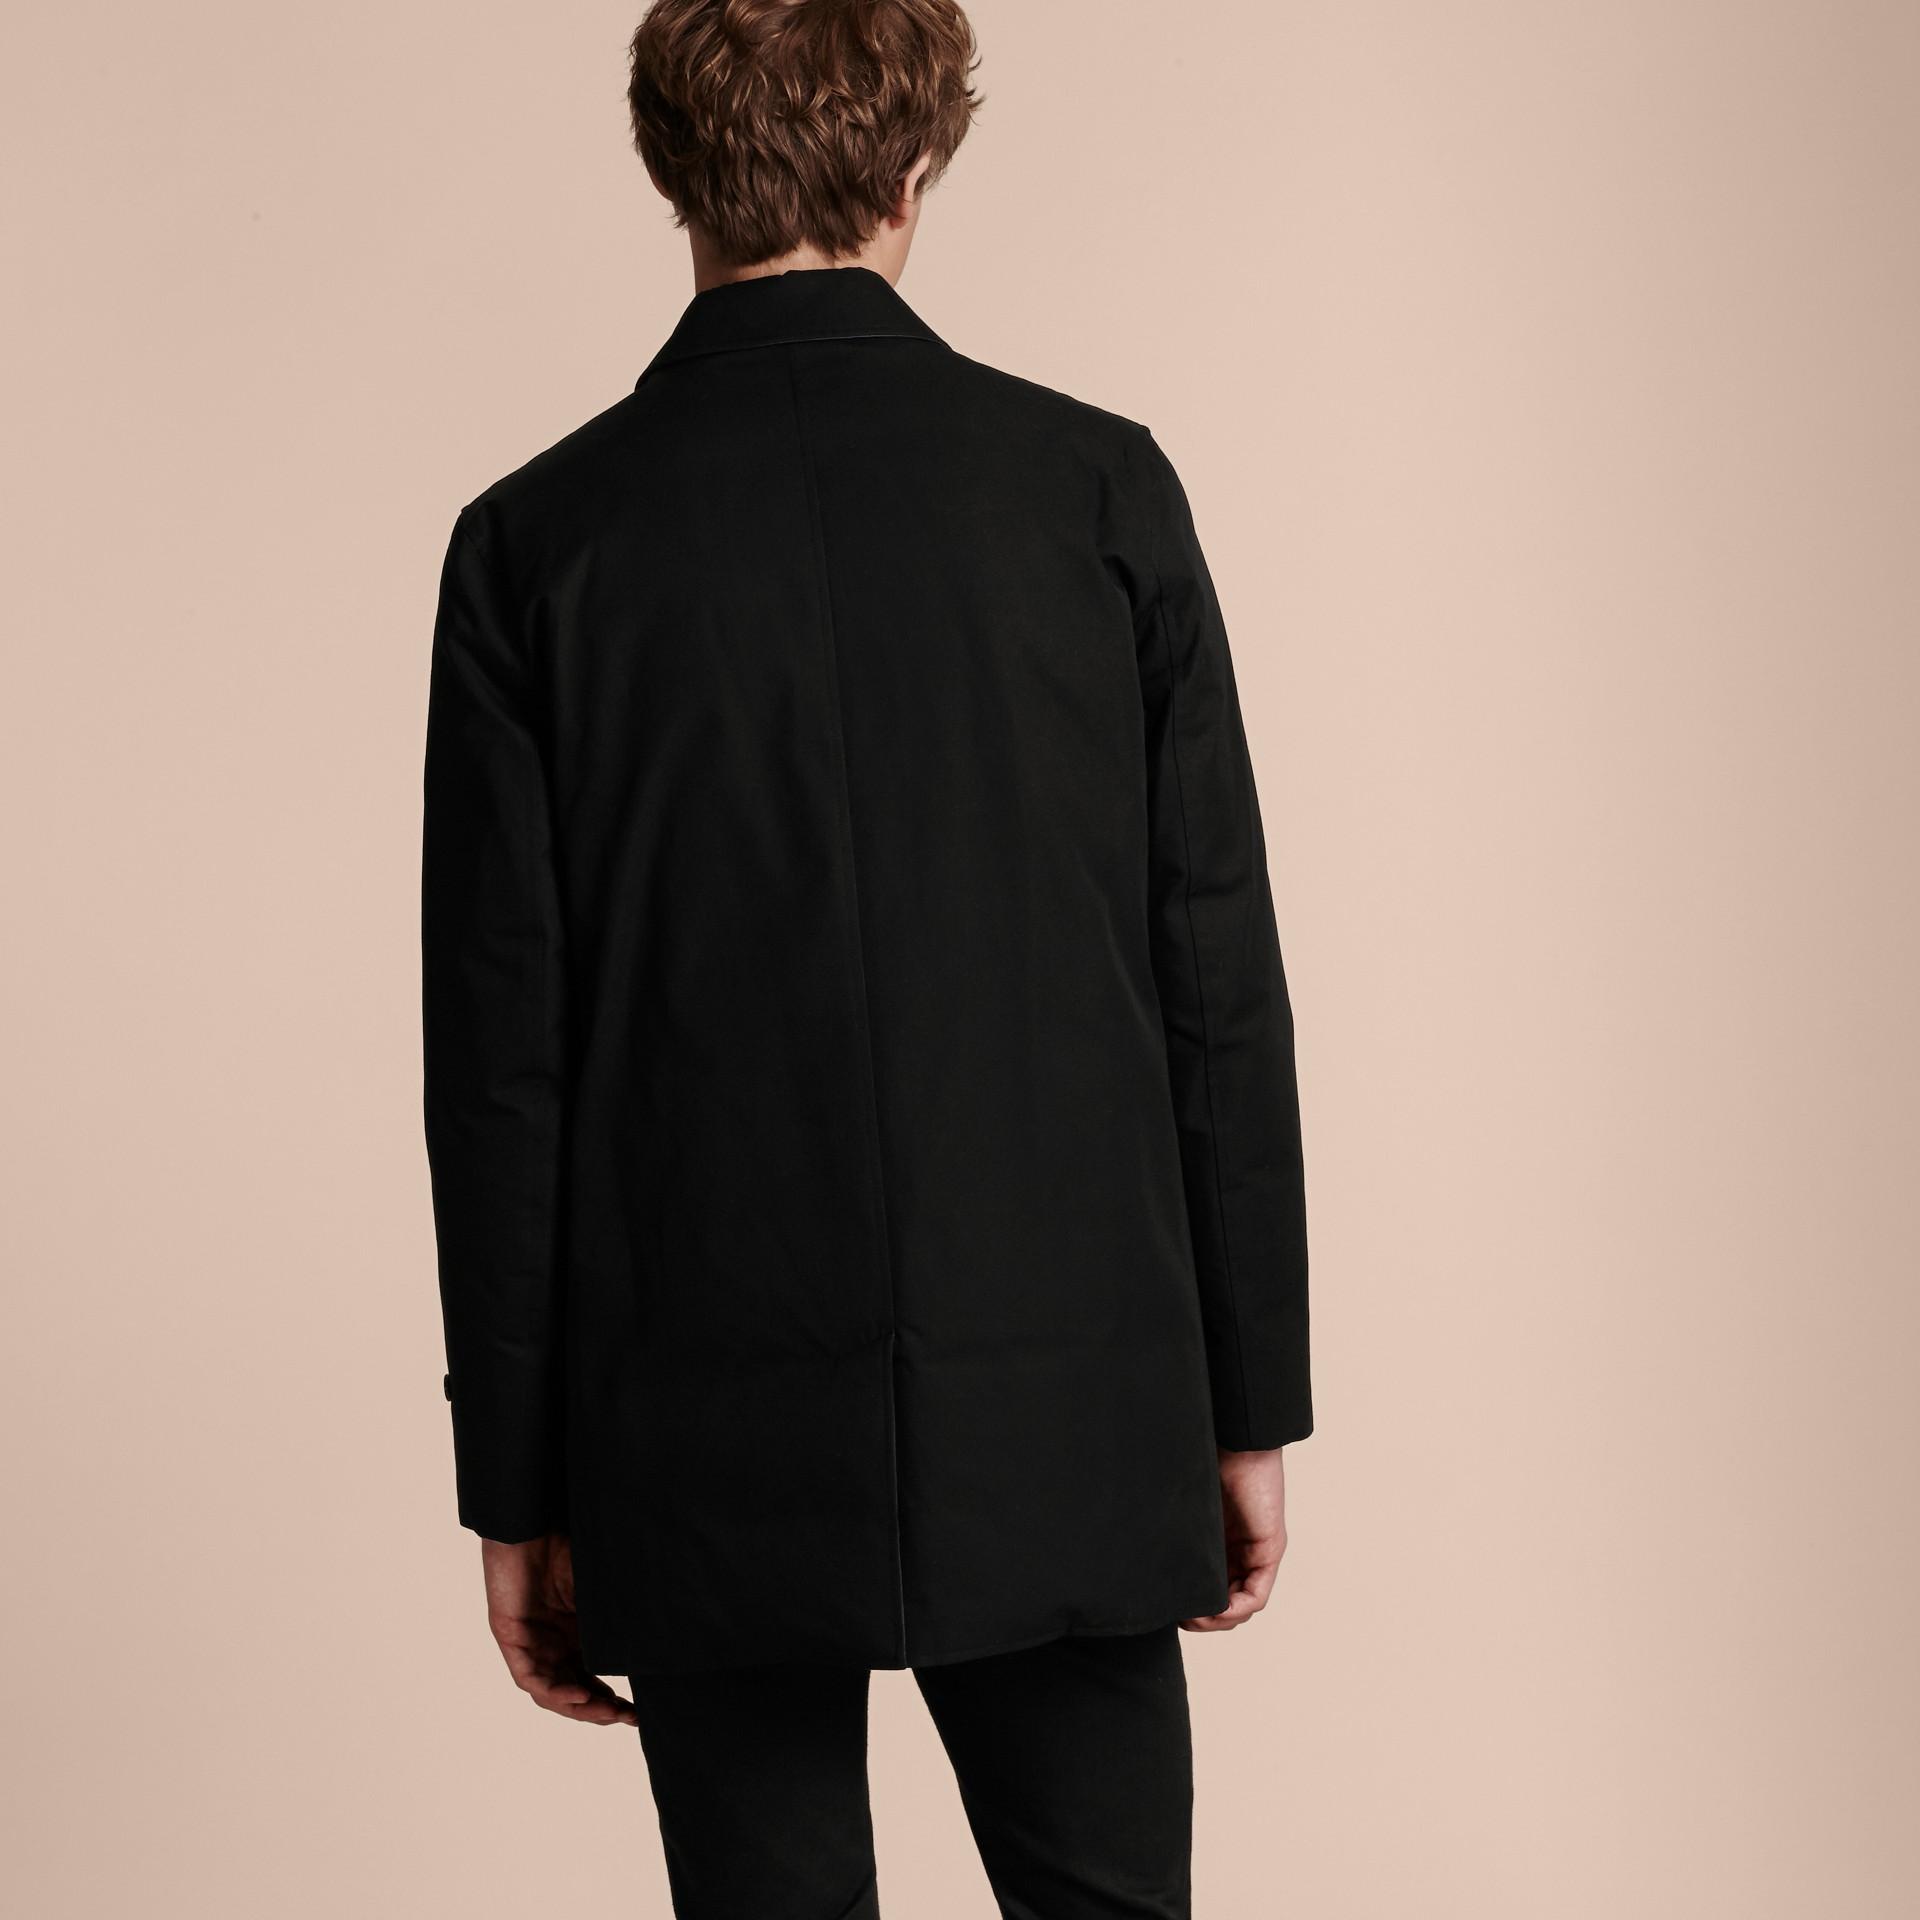 Nero Cappotto double face imbottito in gabardine di cotone - immagine della galleria 6